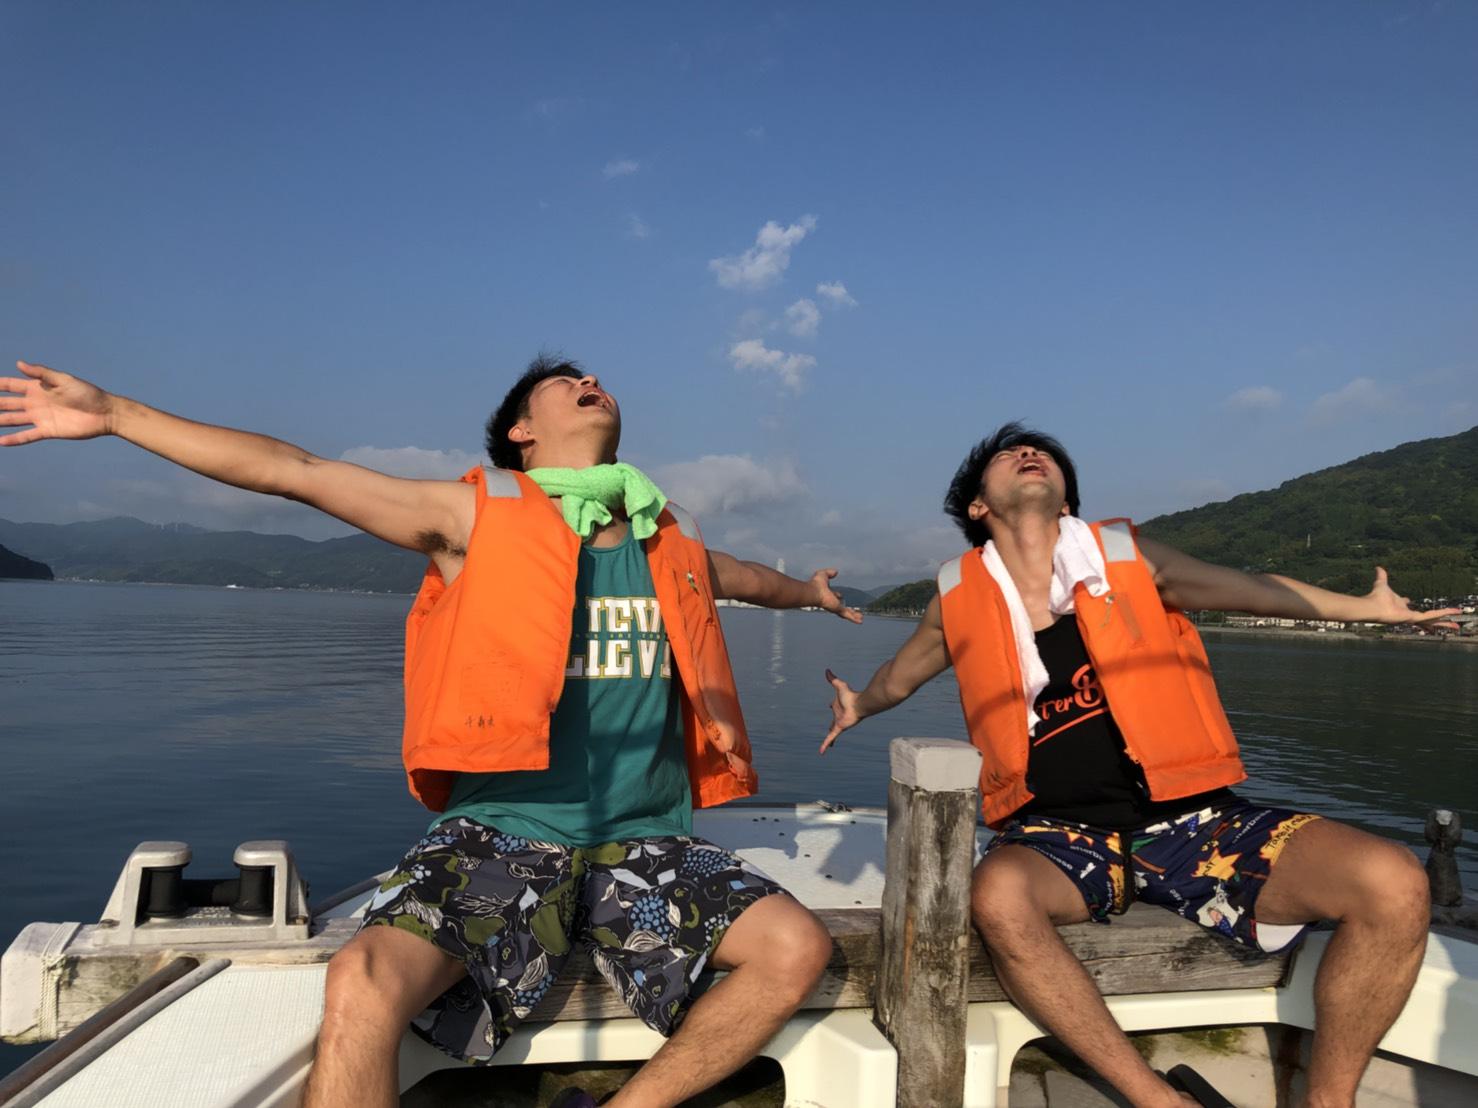 吉野晃一と上條頌のアコースティックで遊ぼうの旅(1stステージ)